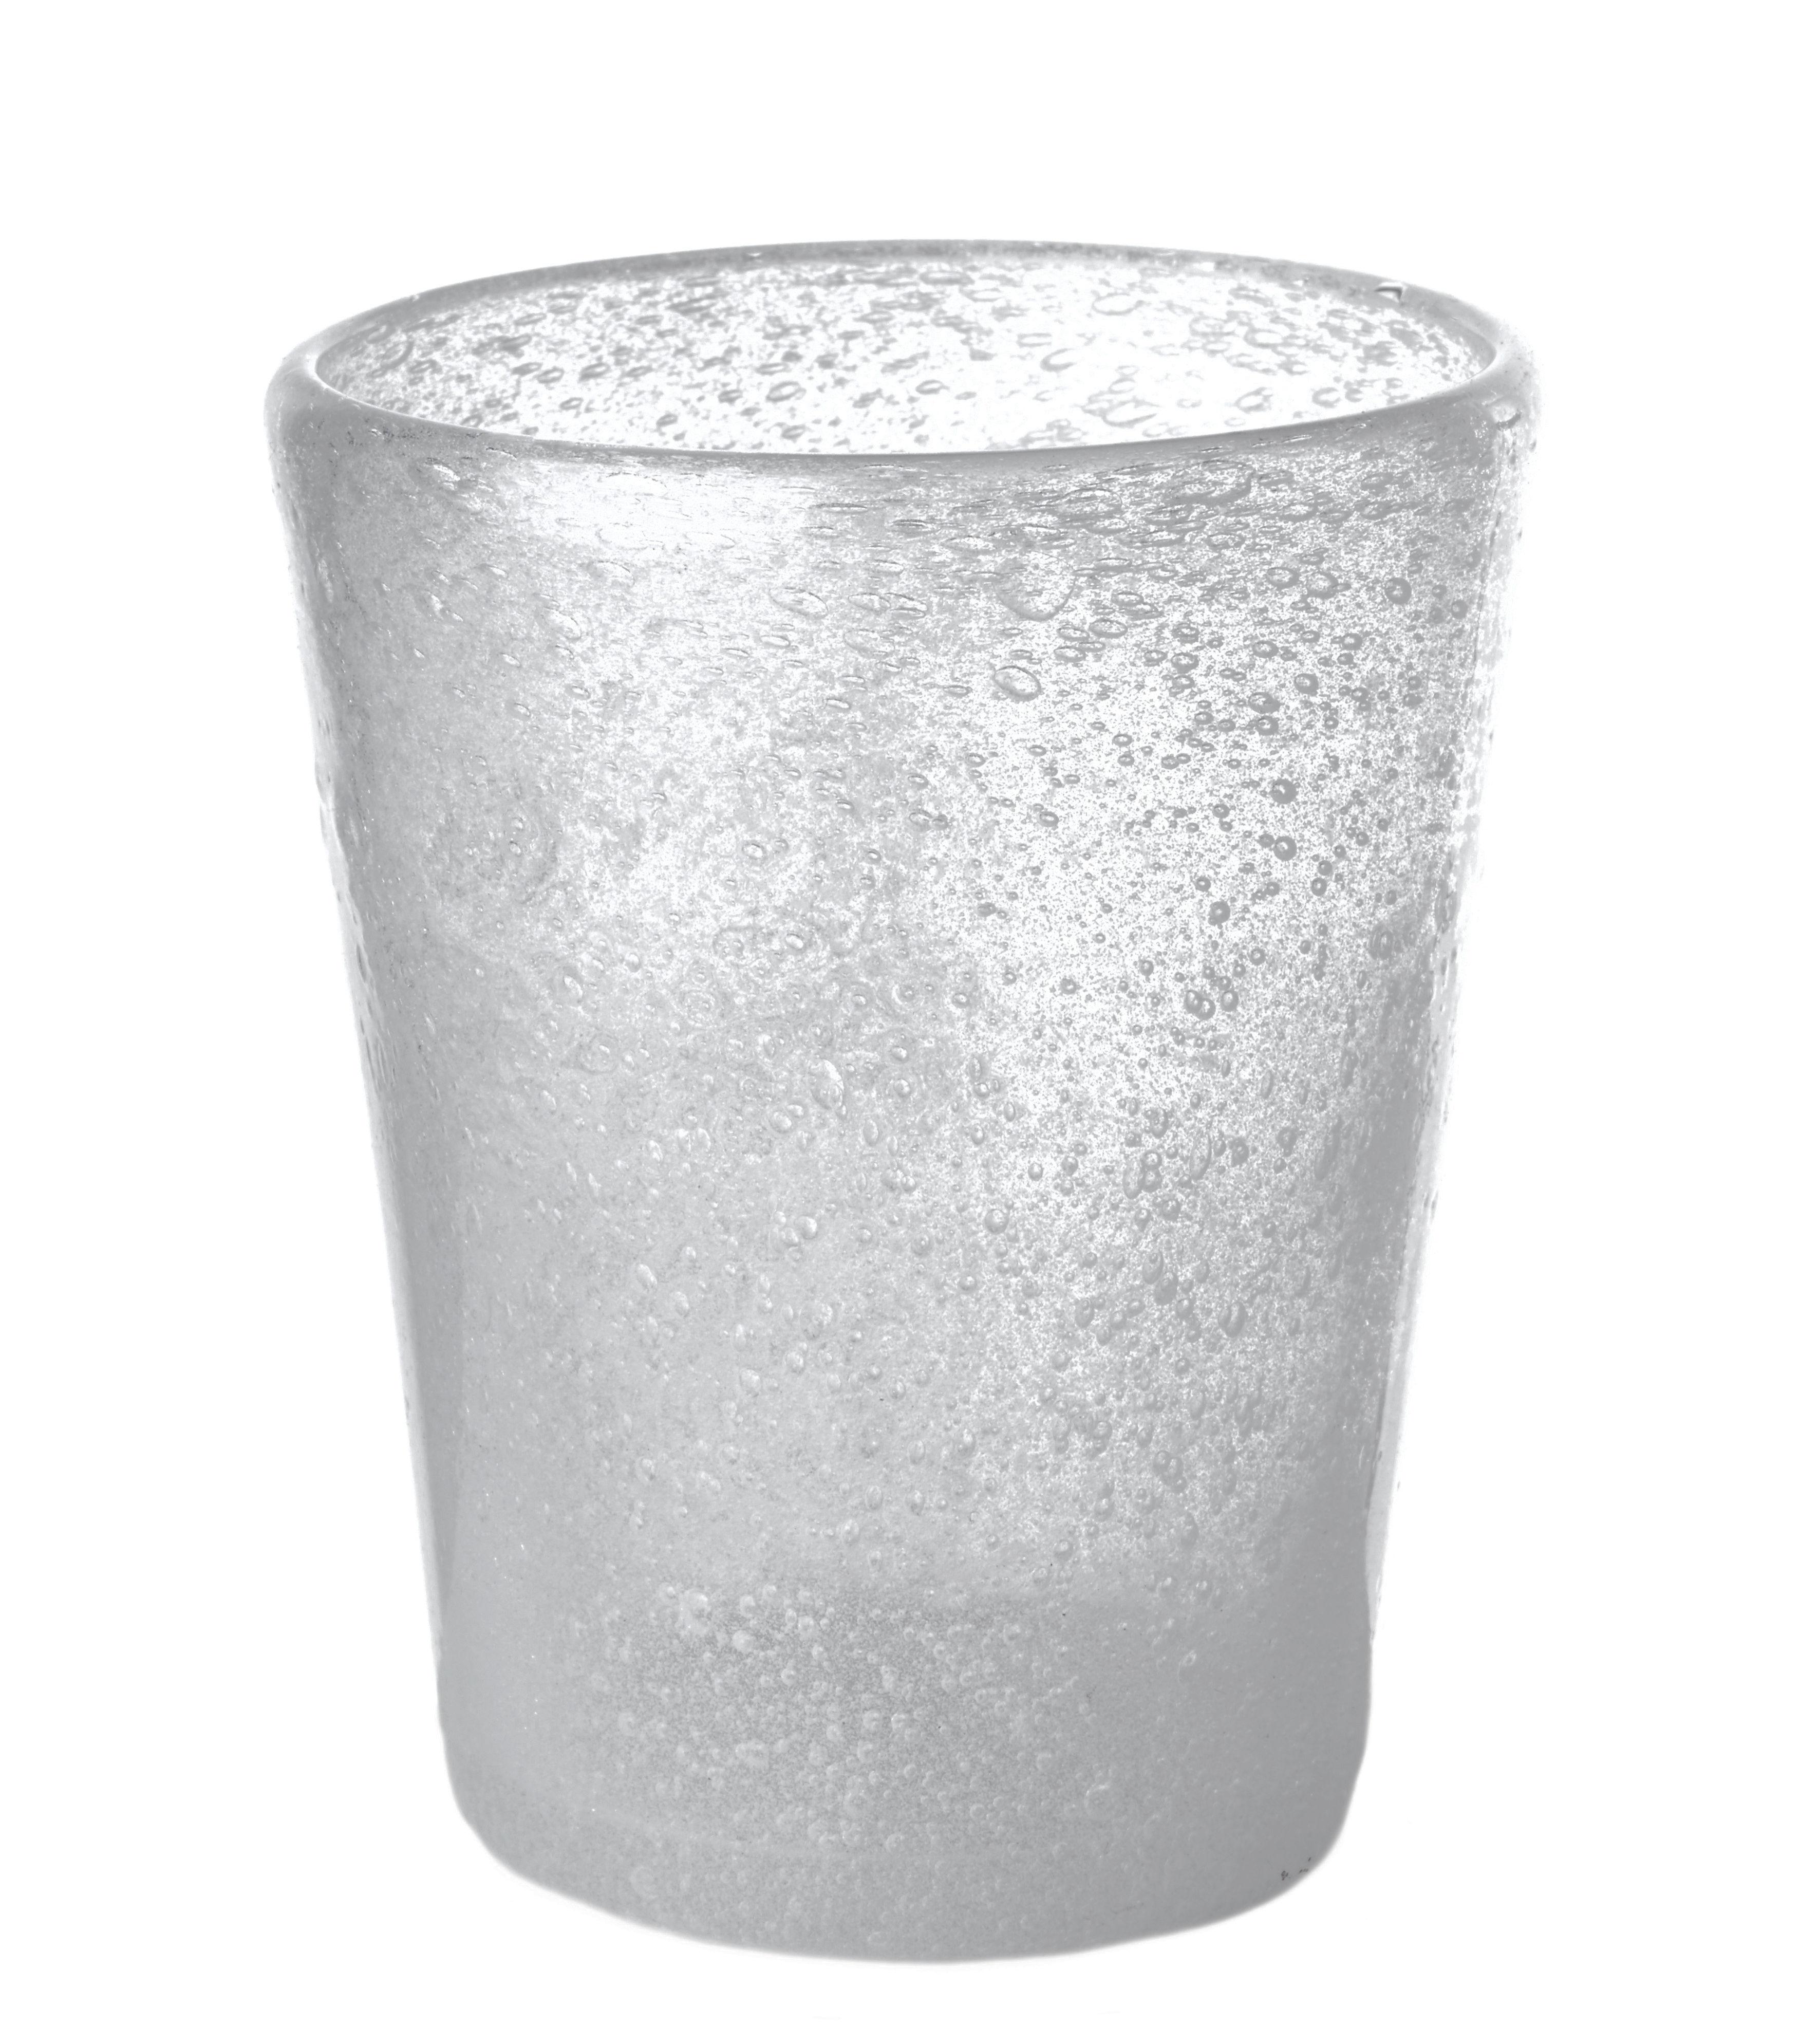 Tavola - Bicchieri  - Bicchiere He di Pols Potten - Bolla bianca - Vetro a bollicine colorato in massa